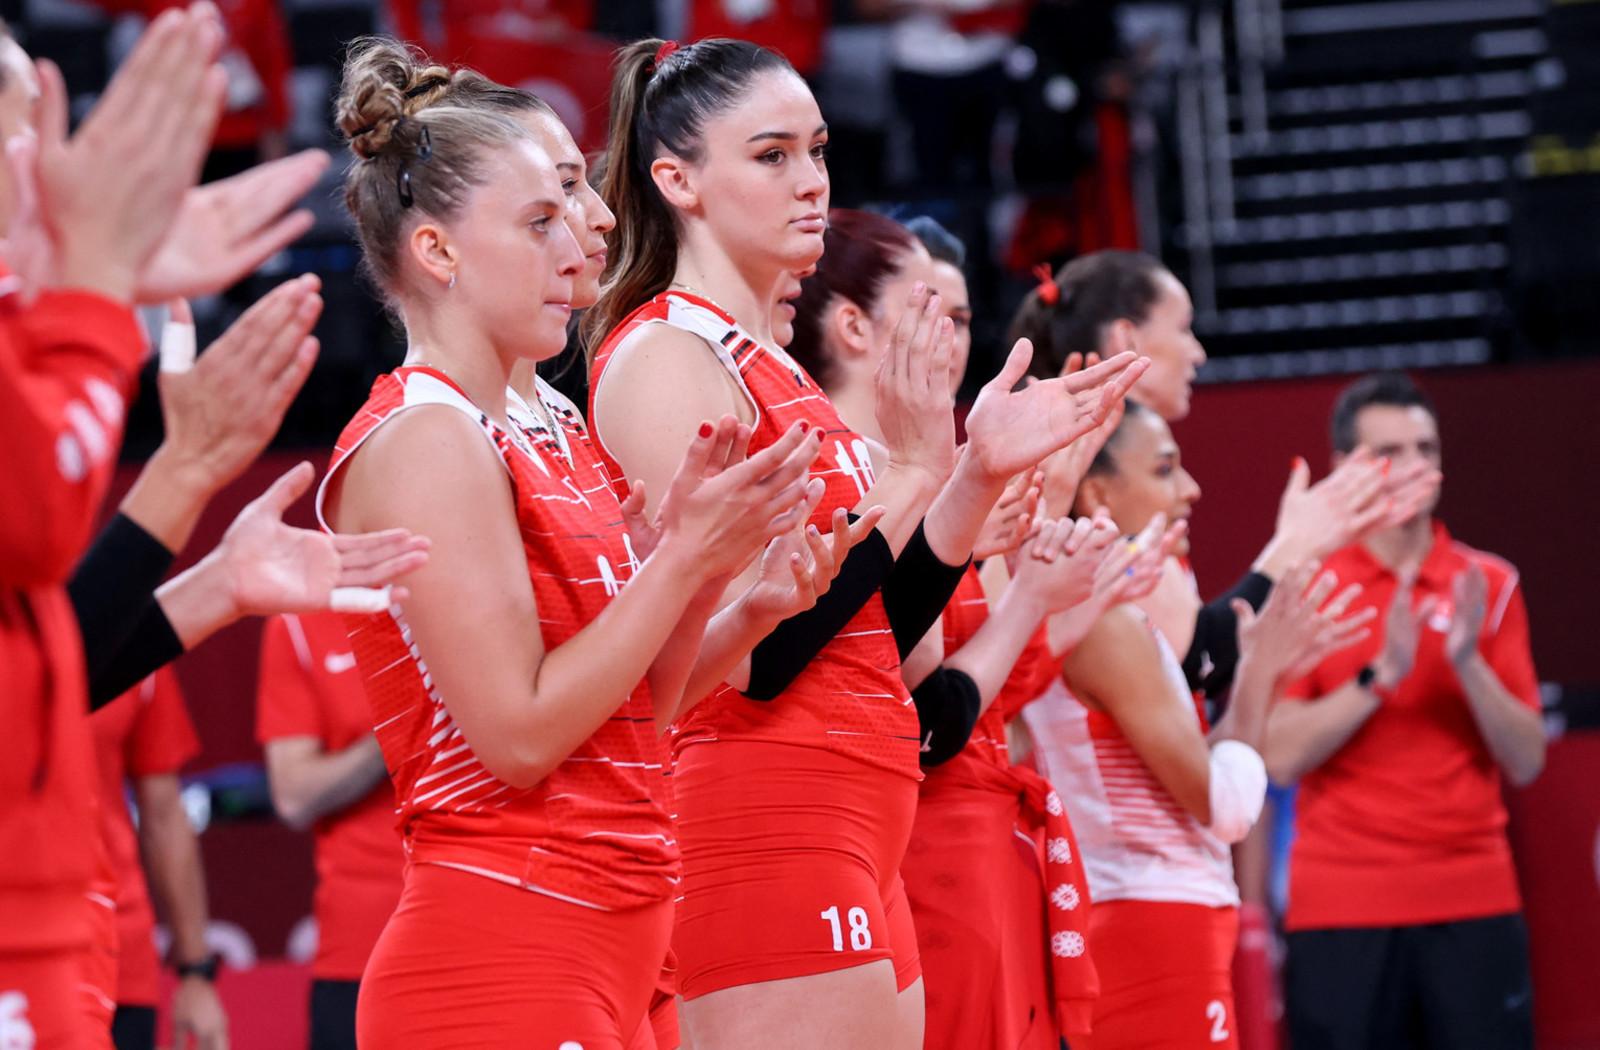 Le pallavoliste della nazionale turca